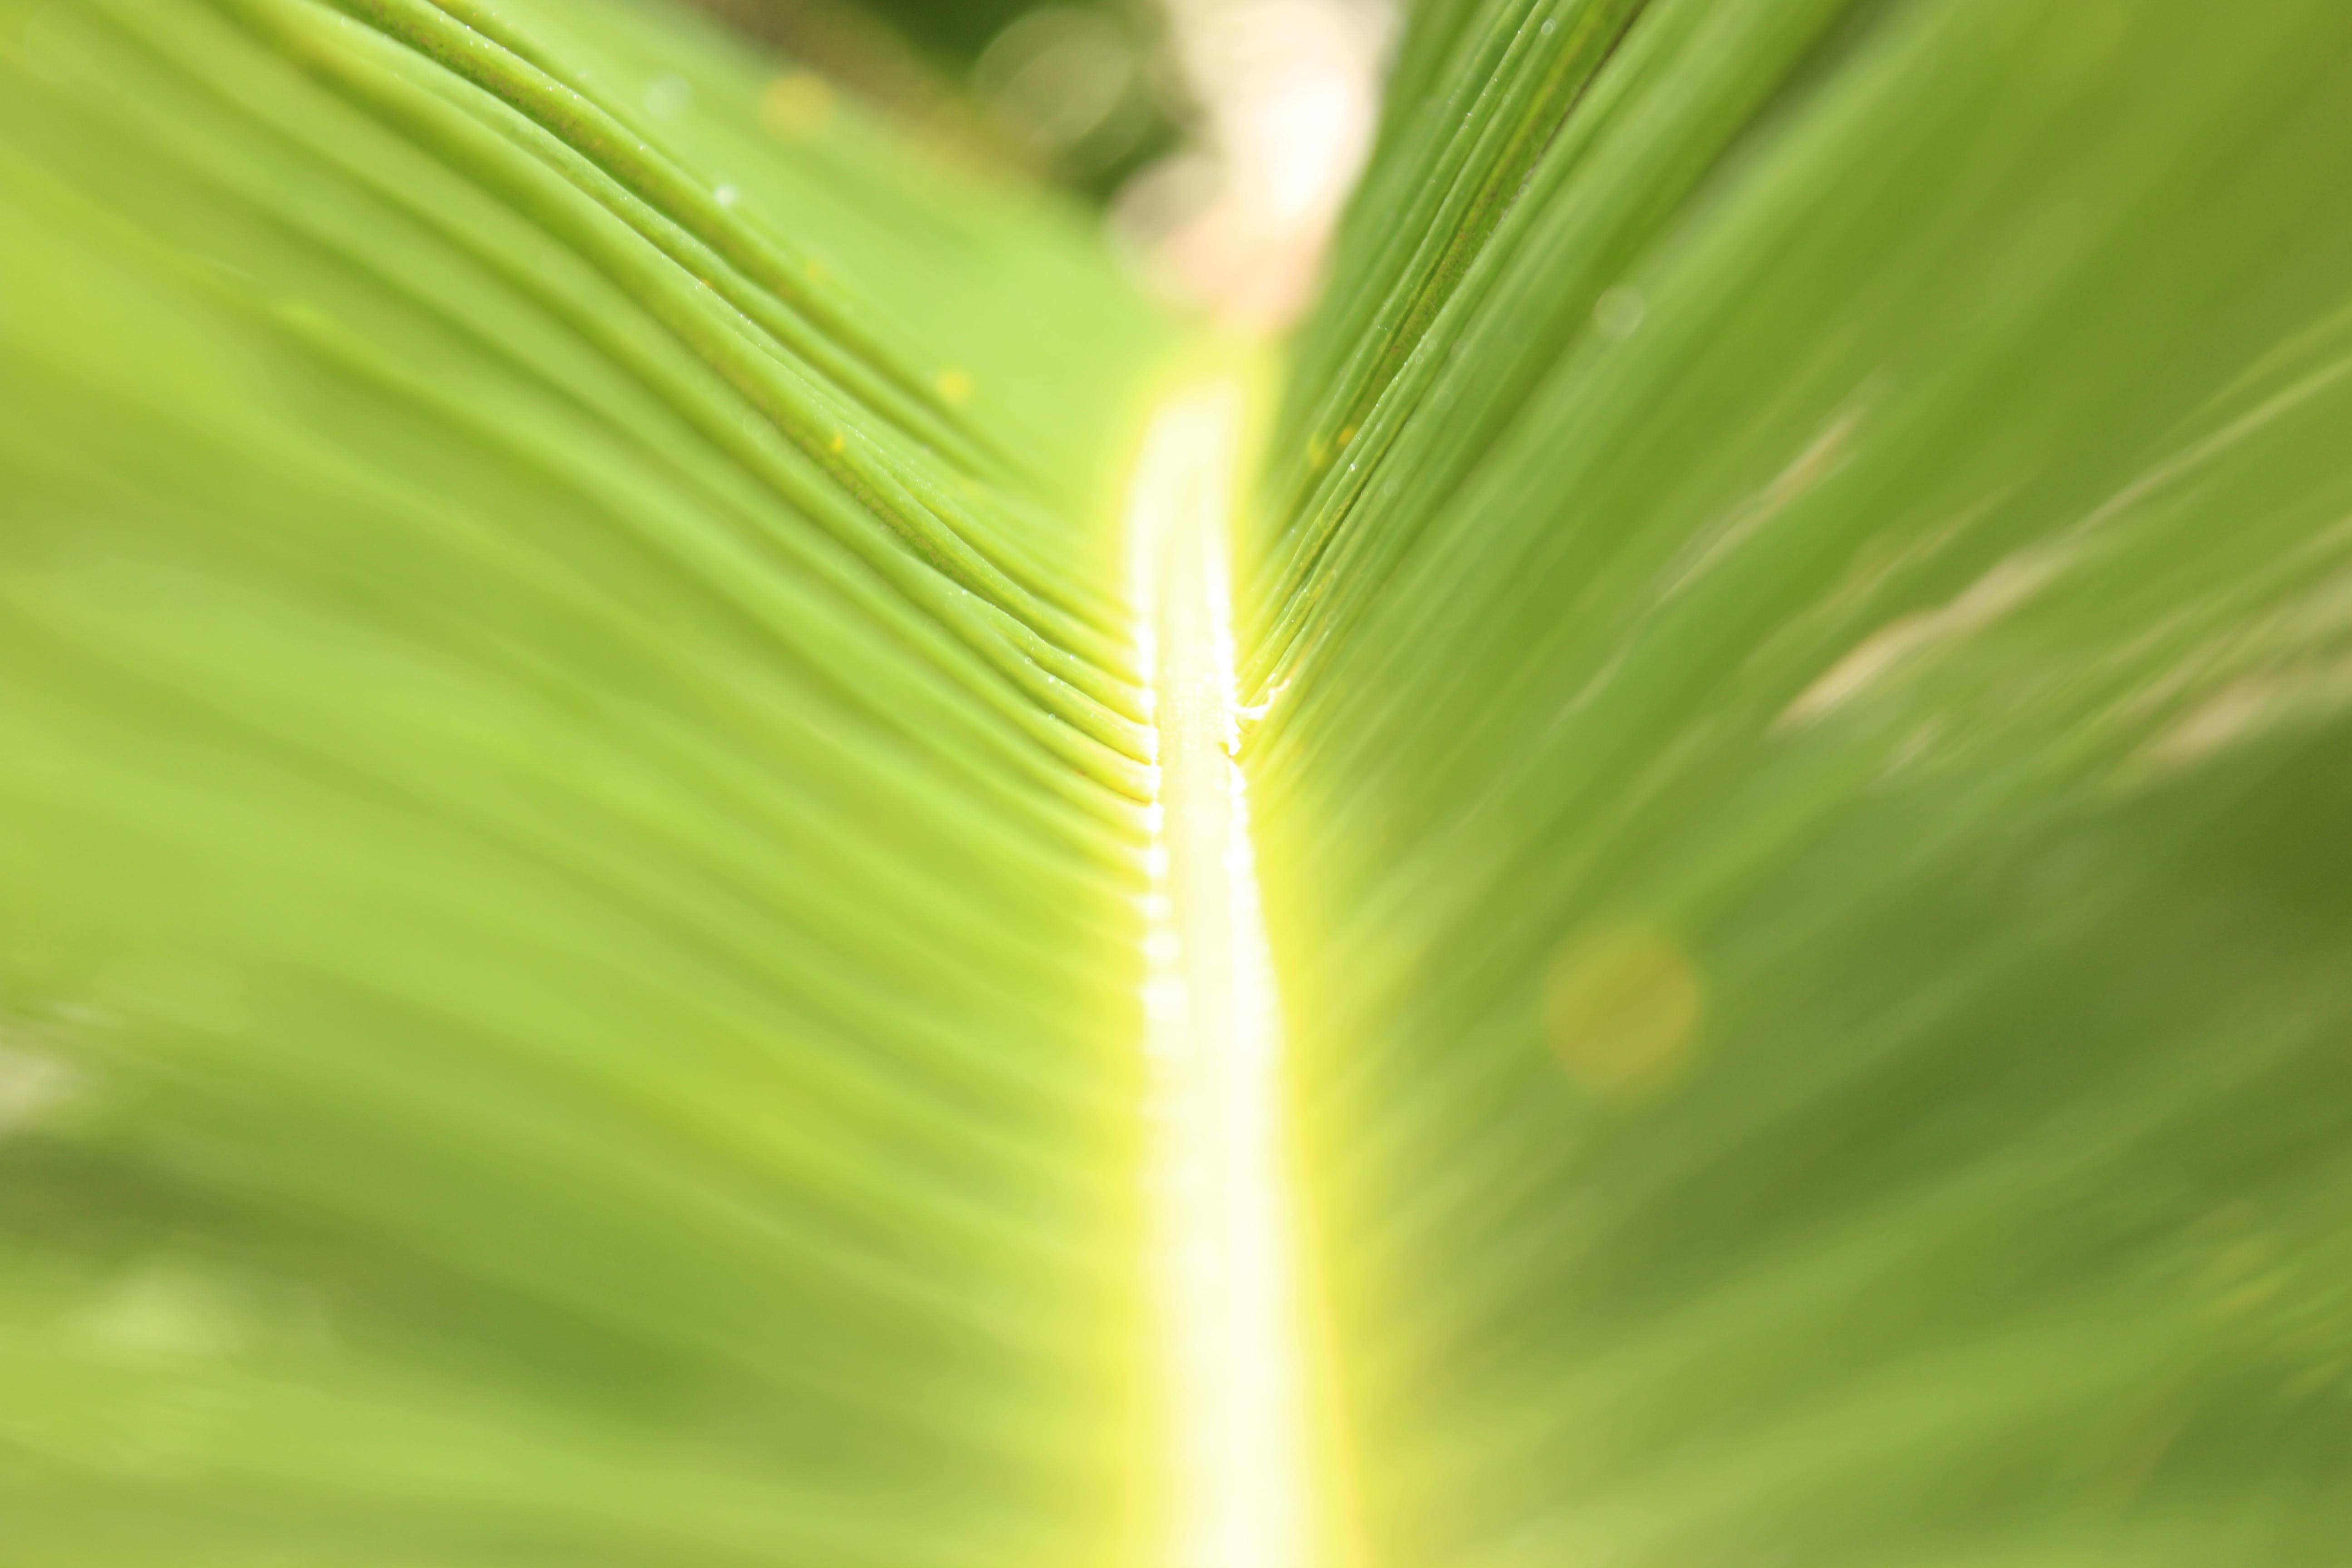 無料画像 緑 閉じる マクロ撮影 太陽光 バナナの葉 水分 草家